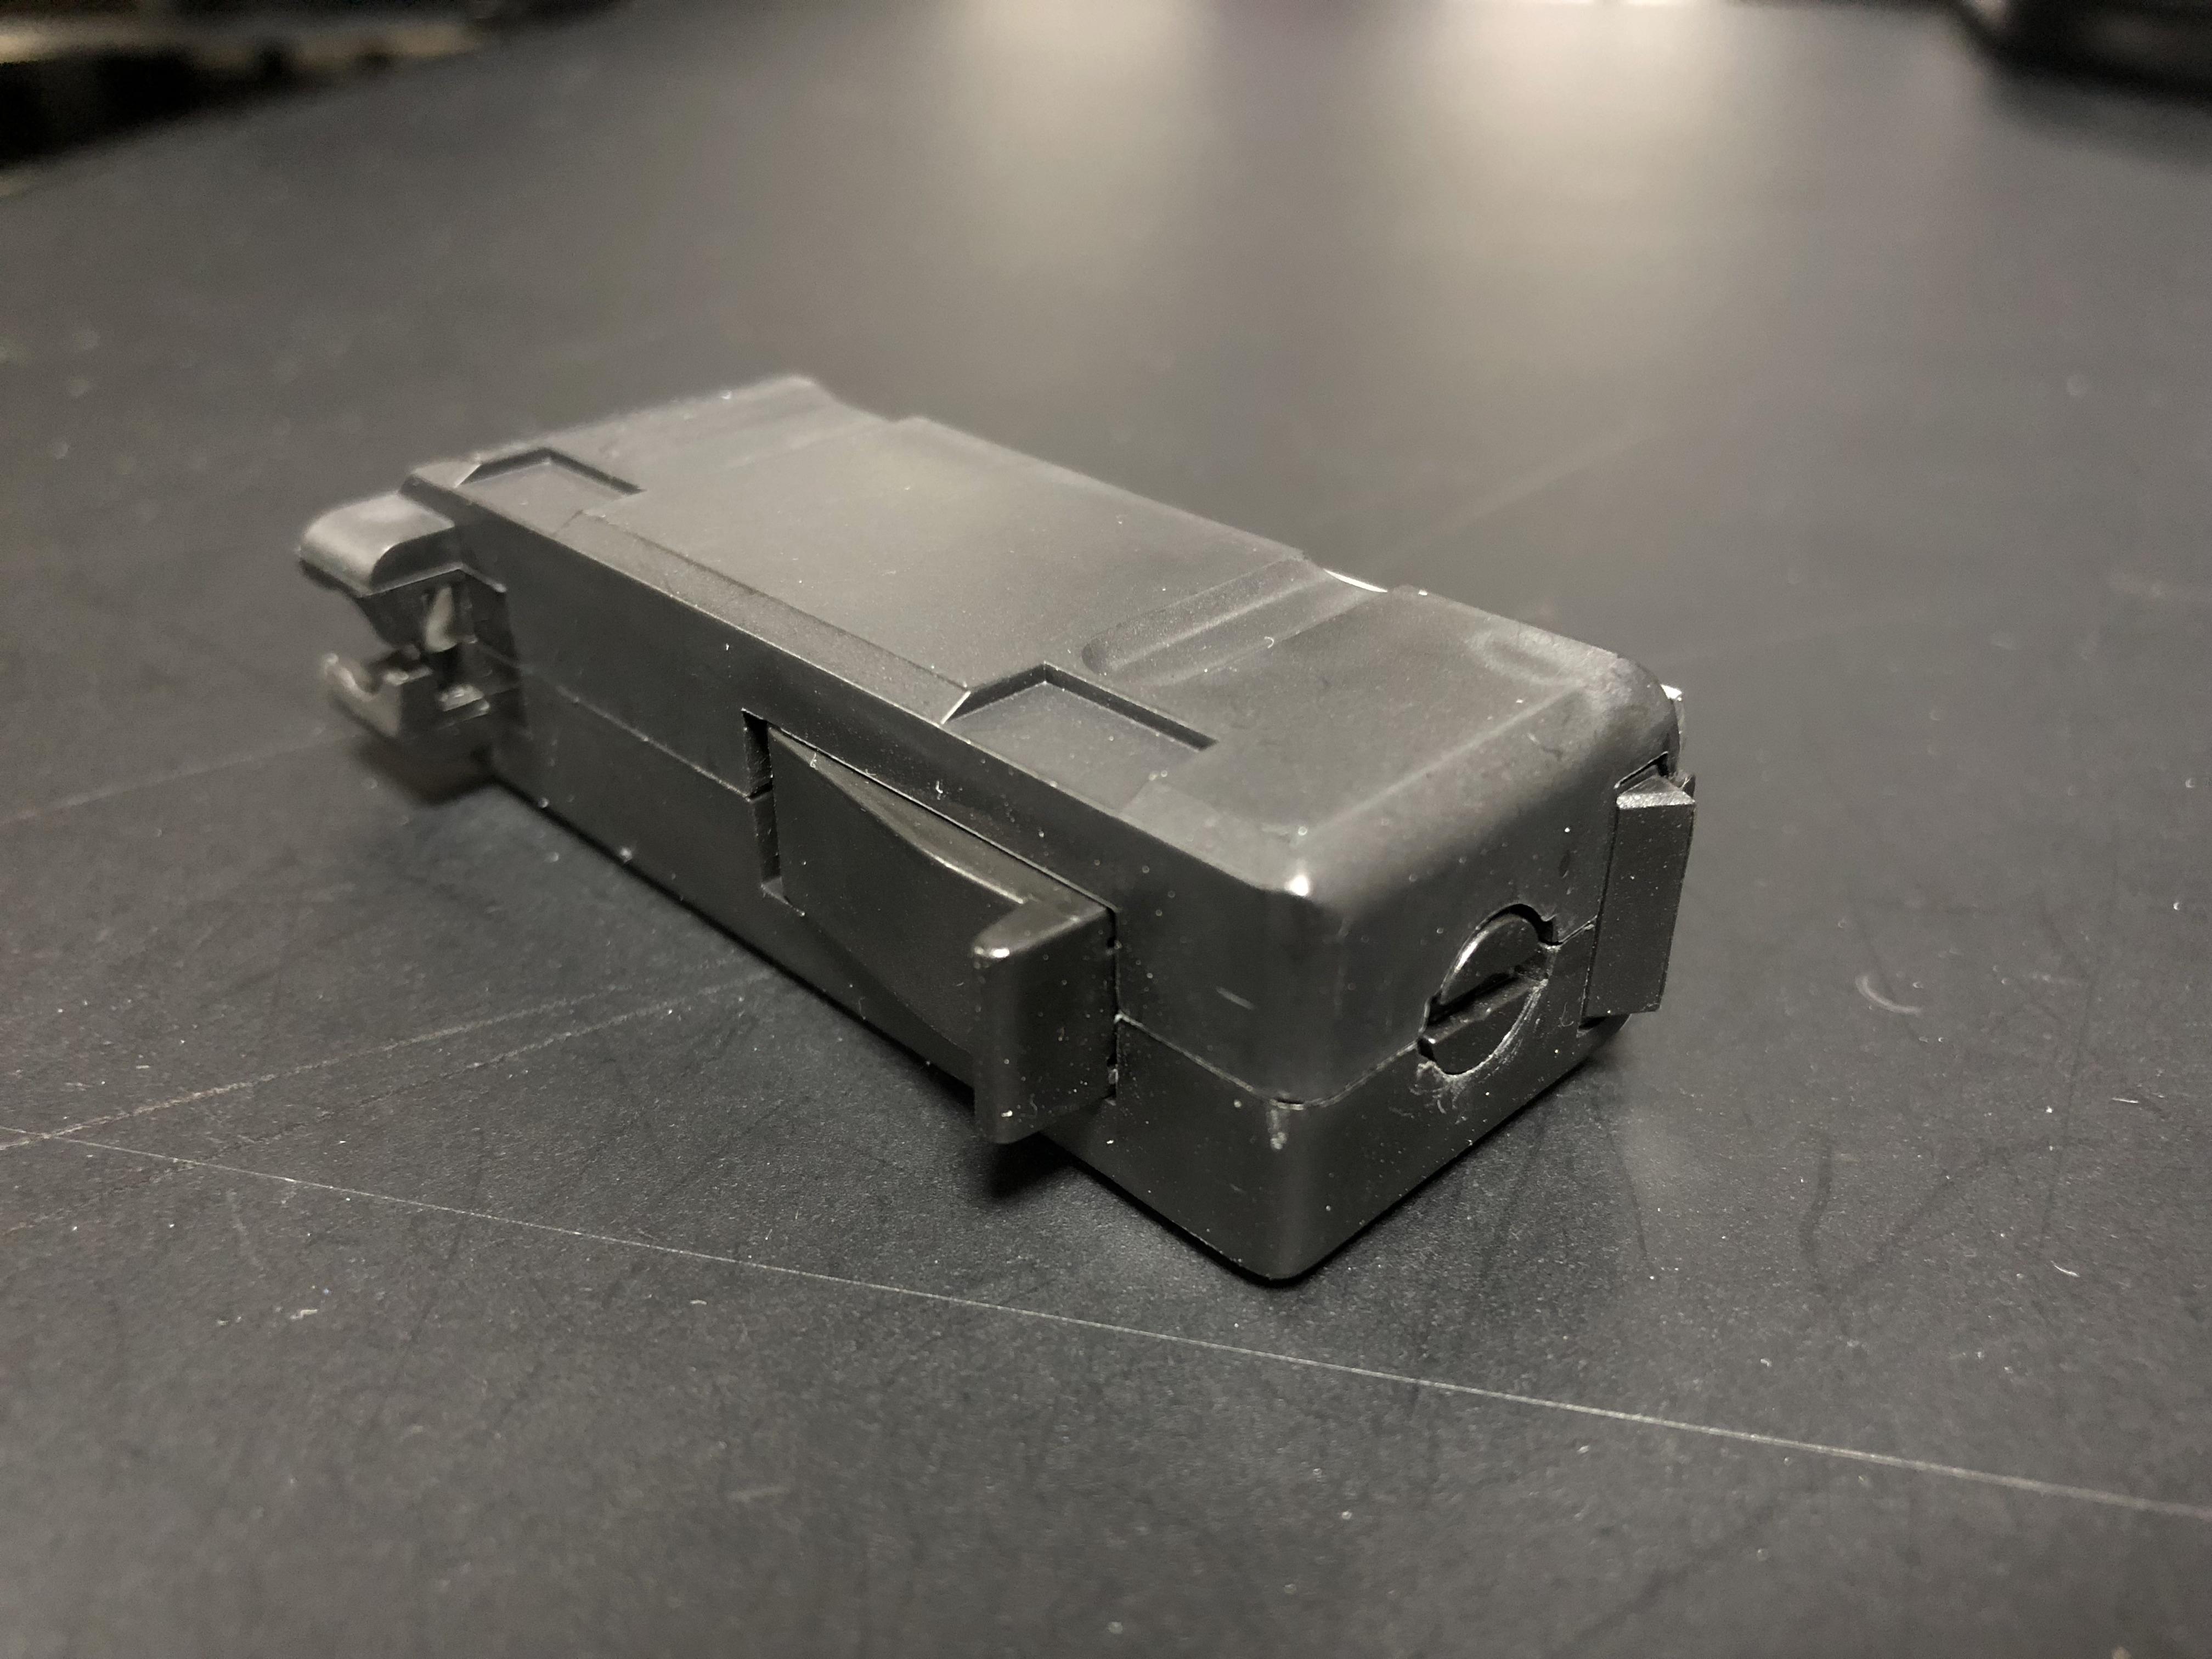 6 MALZEN CA870 ヘ G&P製 22連マガジンを装着してみた!! G&P ショットガン M870用 GP453 購入 取付 レビュー!!